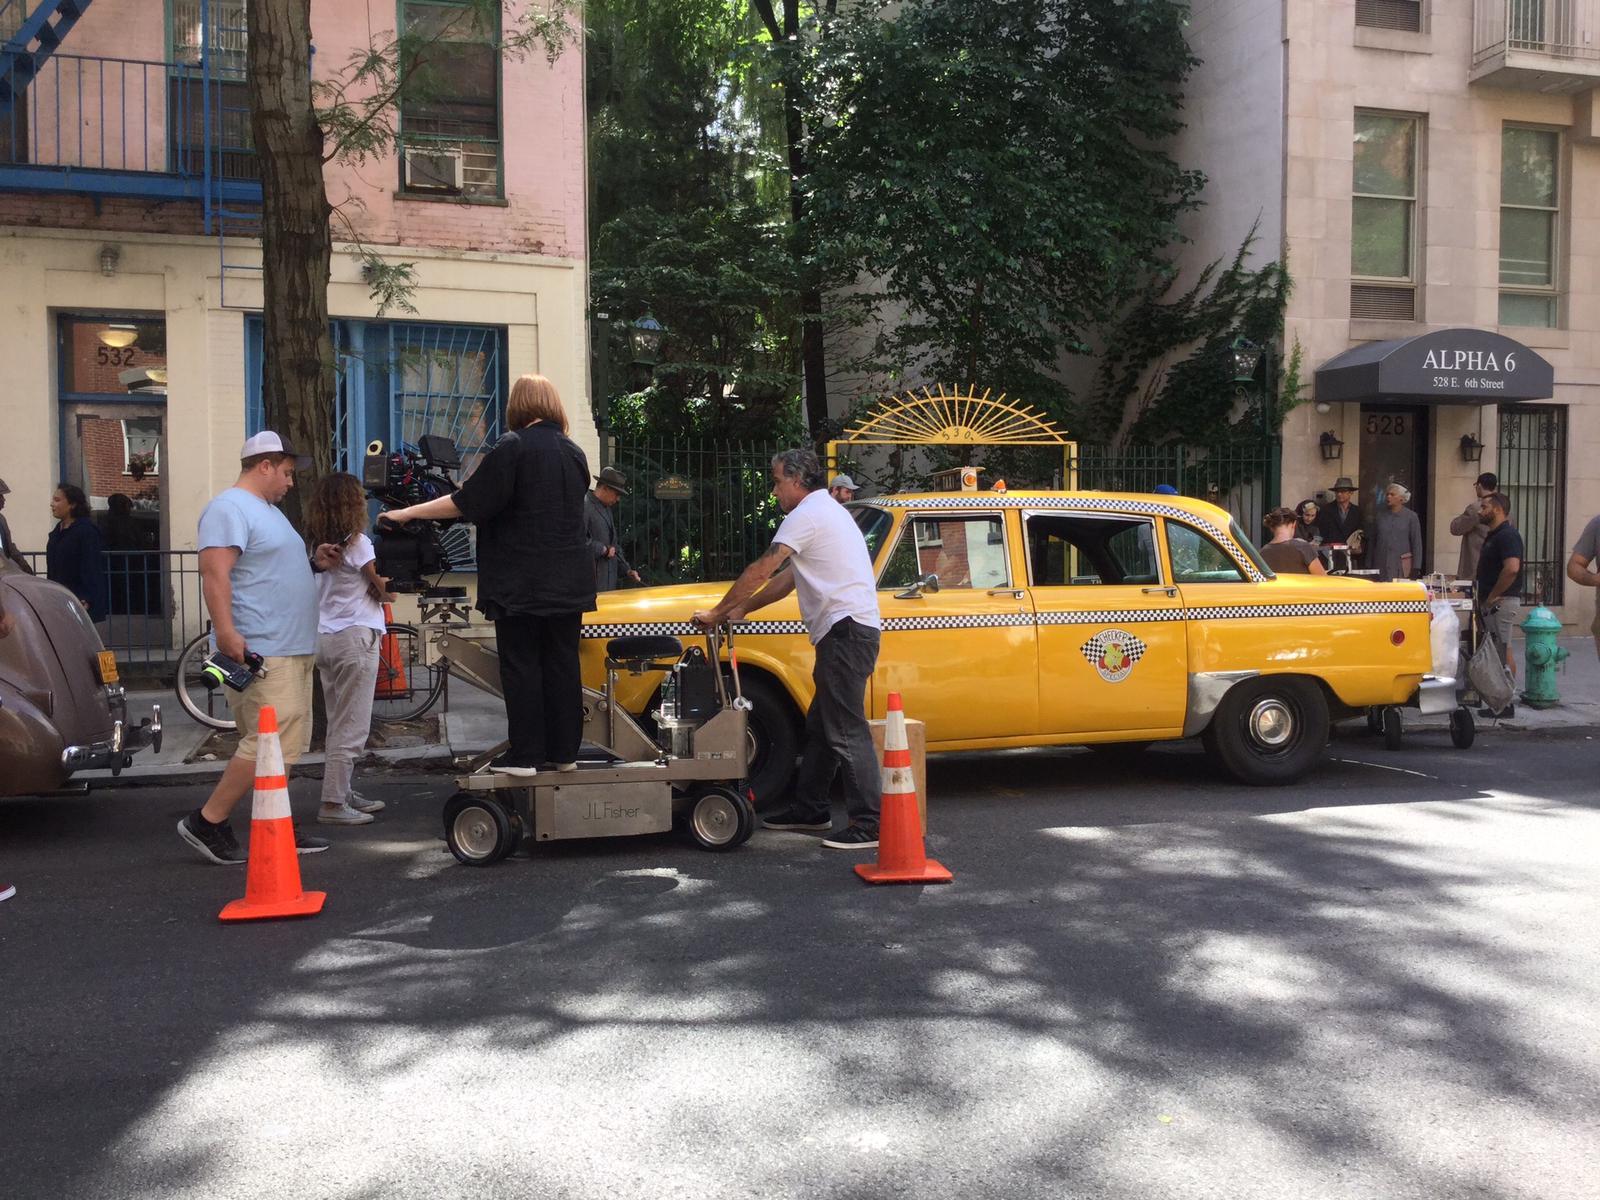 New York City Taxi Photobooth